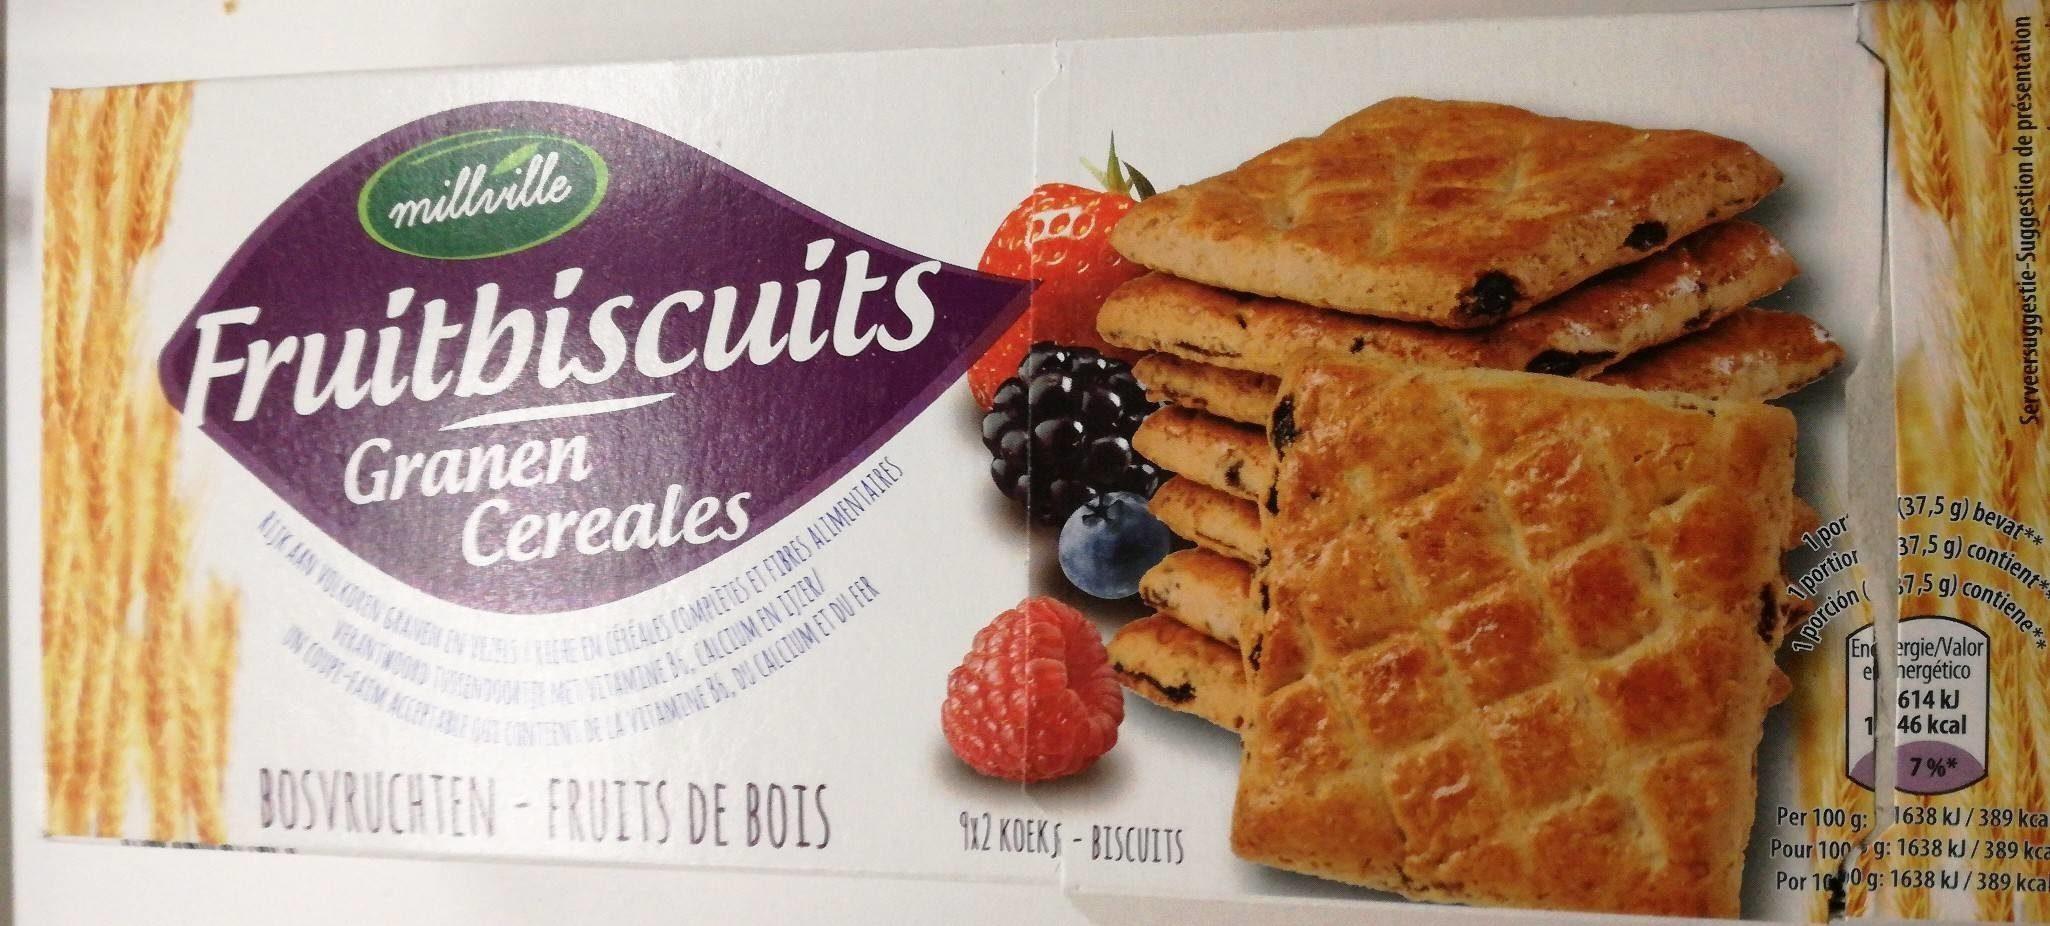 Fruitbiscuits céréales - Producto - fr